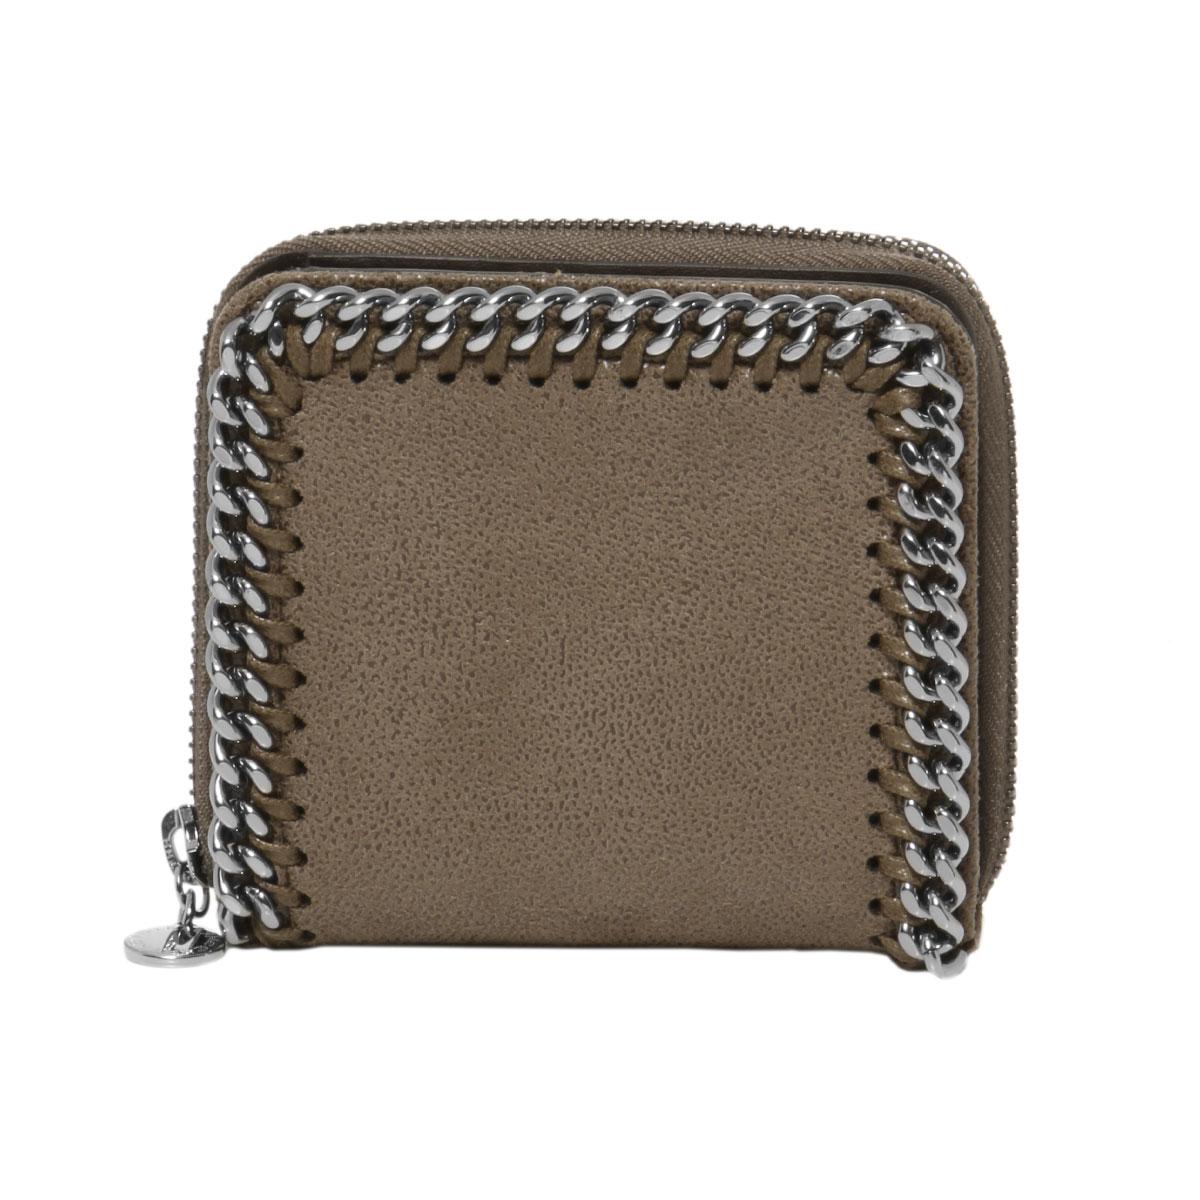 ステラ マッカートニー STELLA McCARTNEY 財布 レディース 581236 W9132 2822 二つ折り財布 FALABELLA ファラベラ DARK TAUPE ブラウン